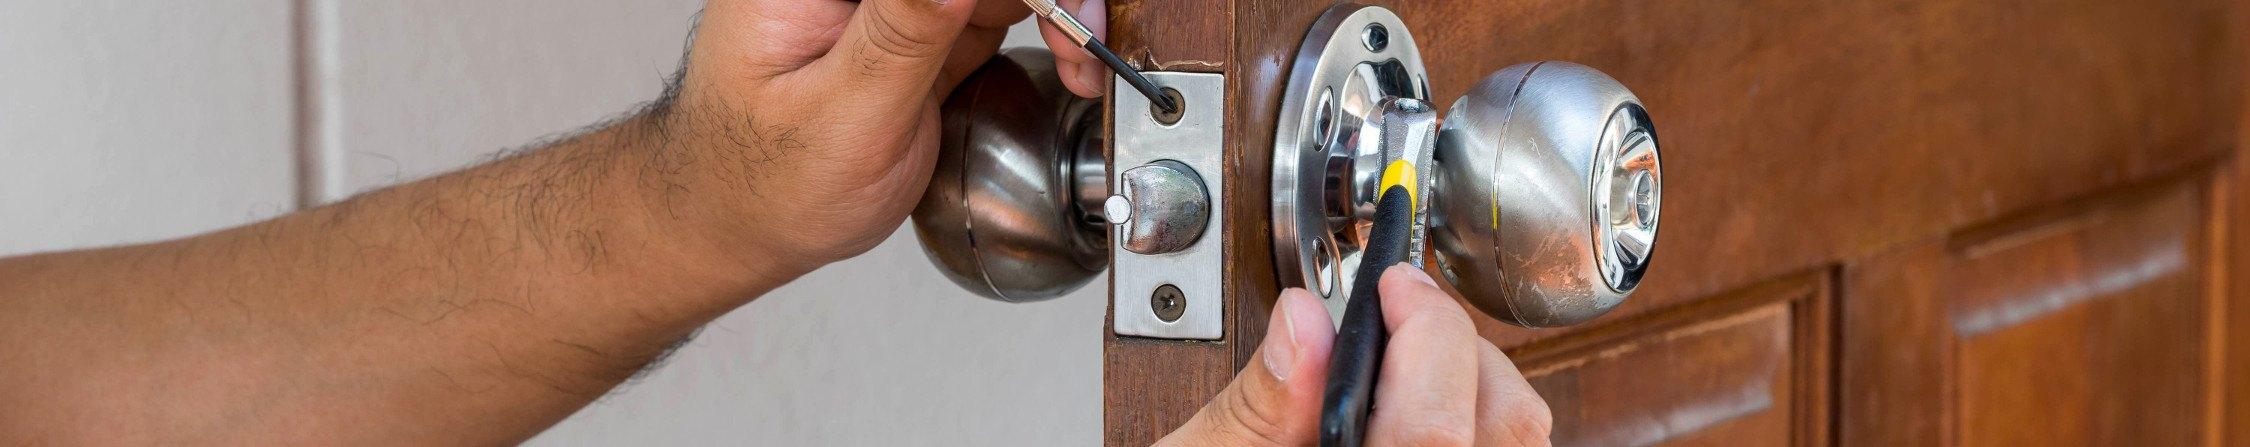 cerrajero puerta hori - Apertura Puertas Madrid Abrir Puertas Madrid Abrir Cerradura Madrid